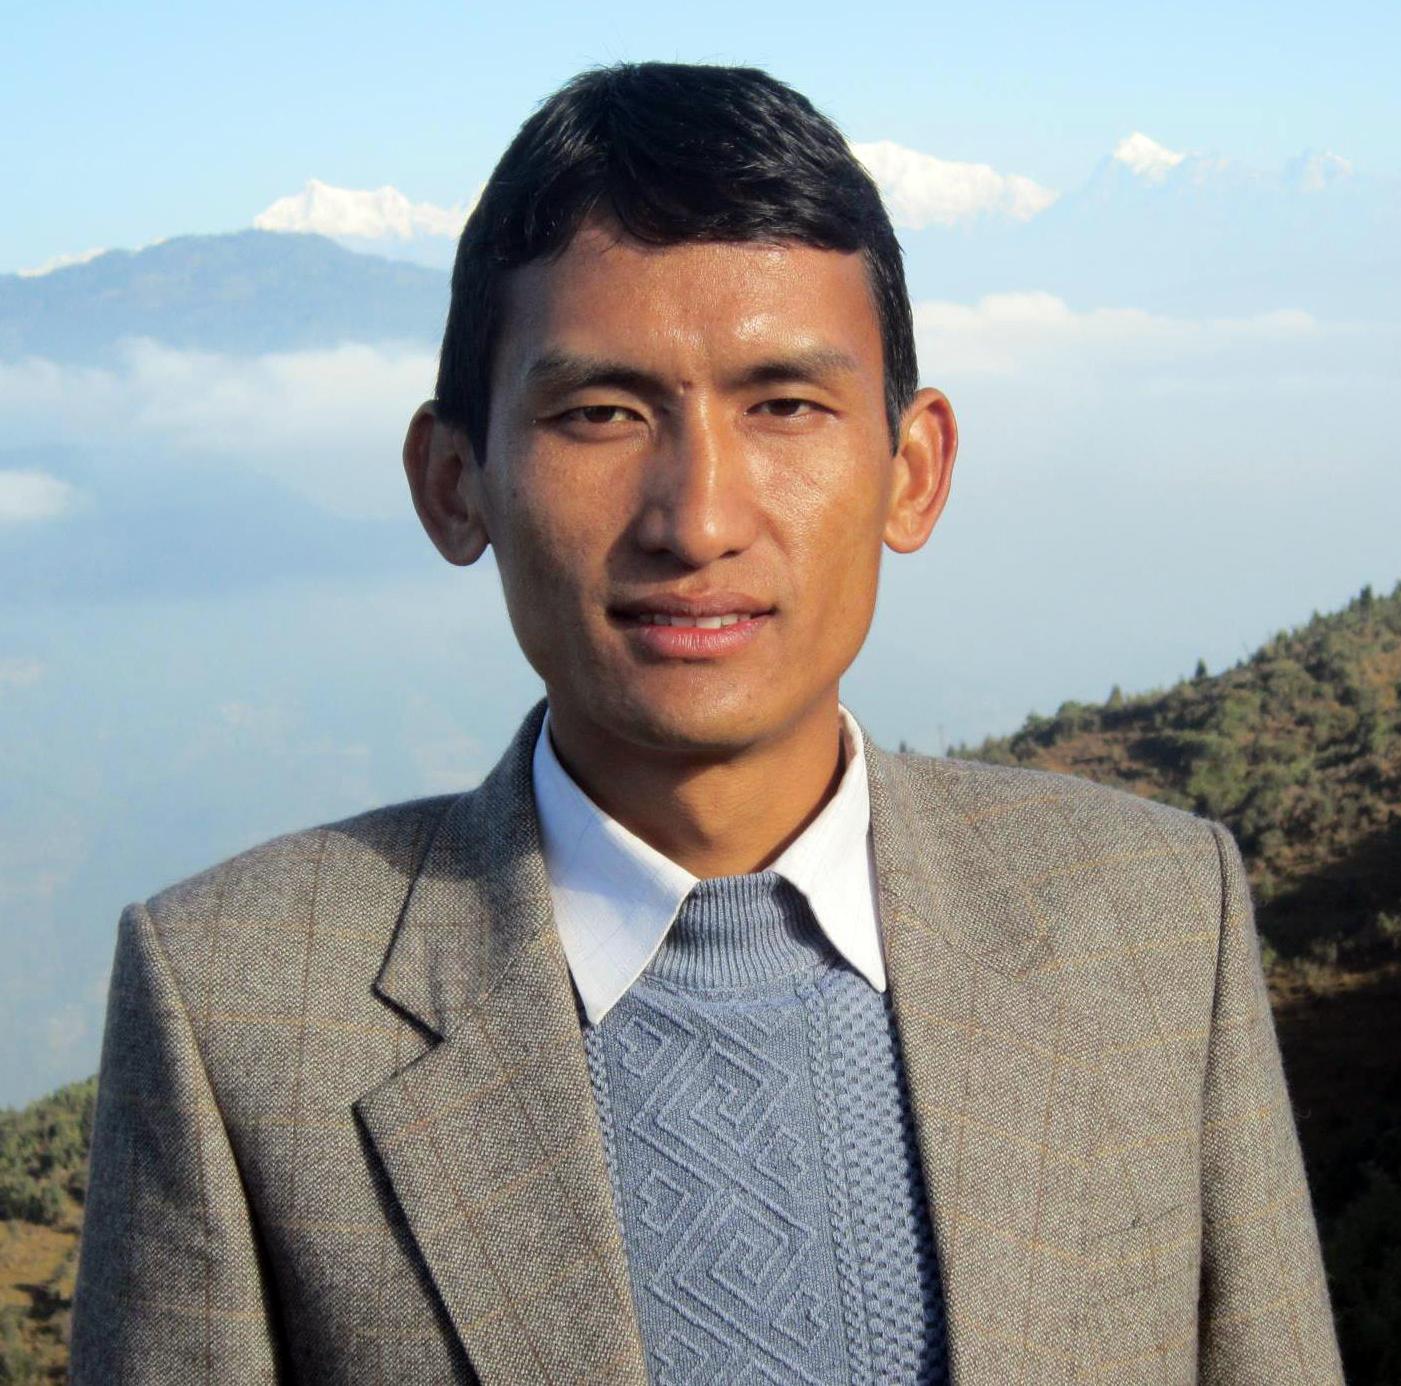 तामाङ जाति, संस्कृति, परम्परा र संस्कार